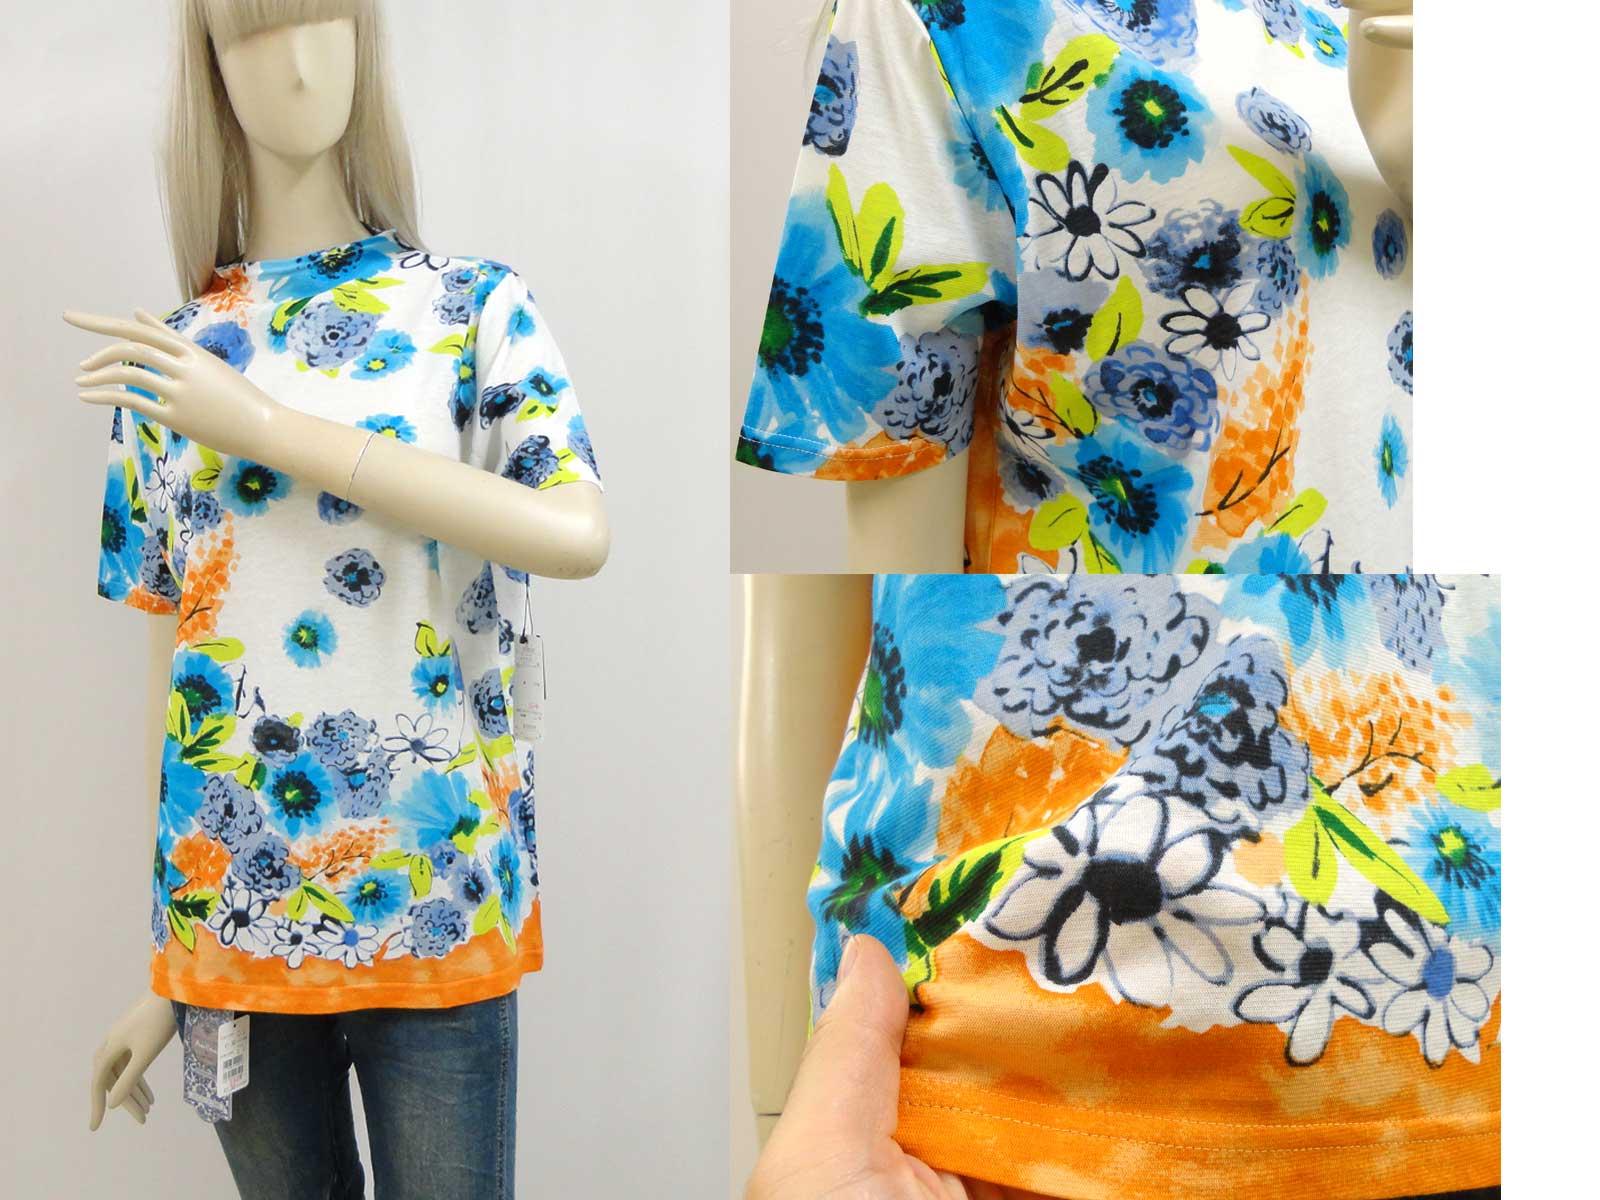 039Tシャツブルーb2